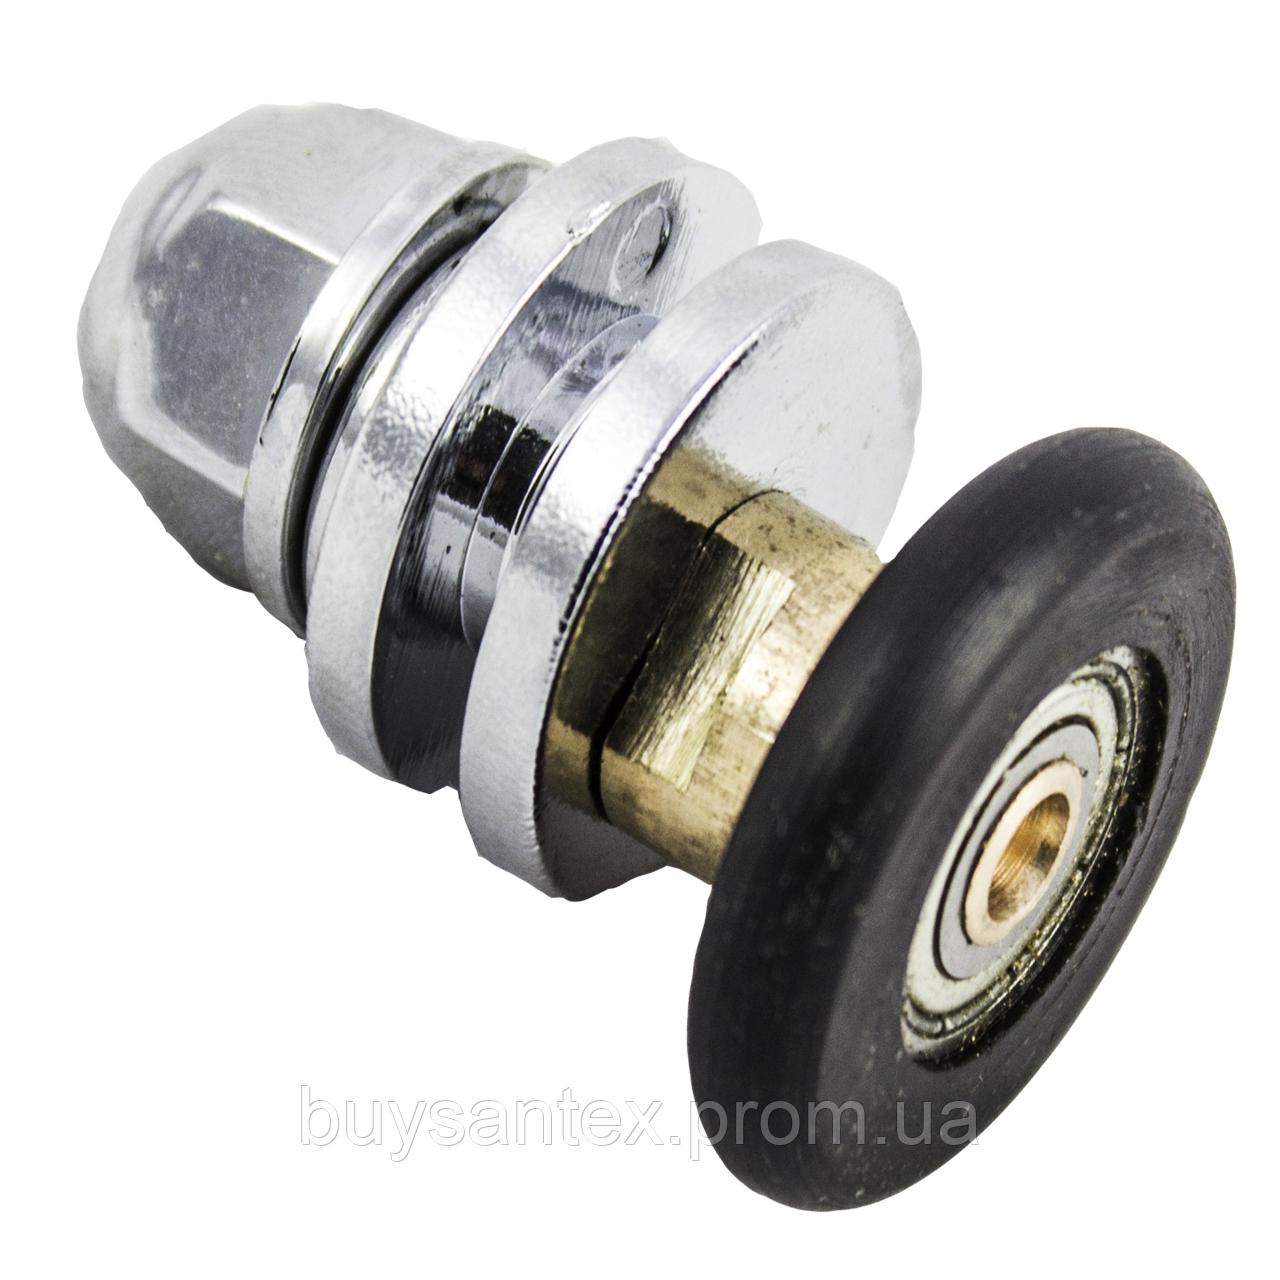 Ролик душевых кабин, гидробоков - металлический, эксцентриковый, латунный (CKLA010)